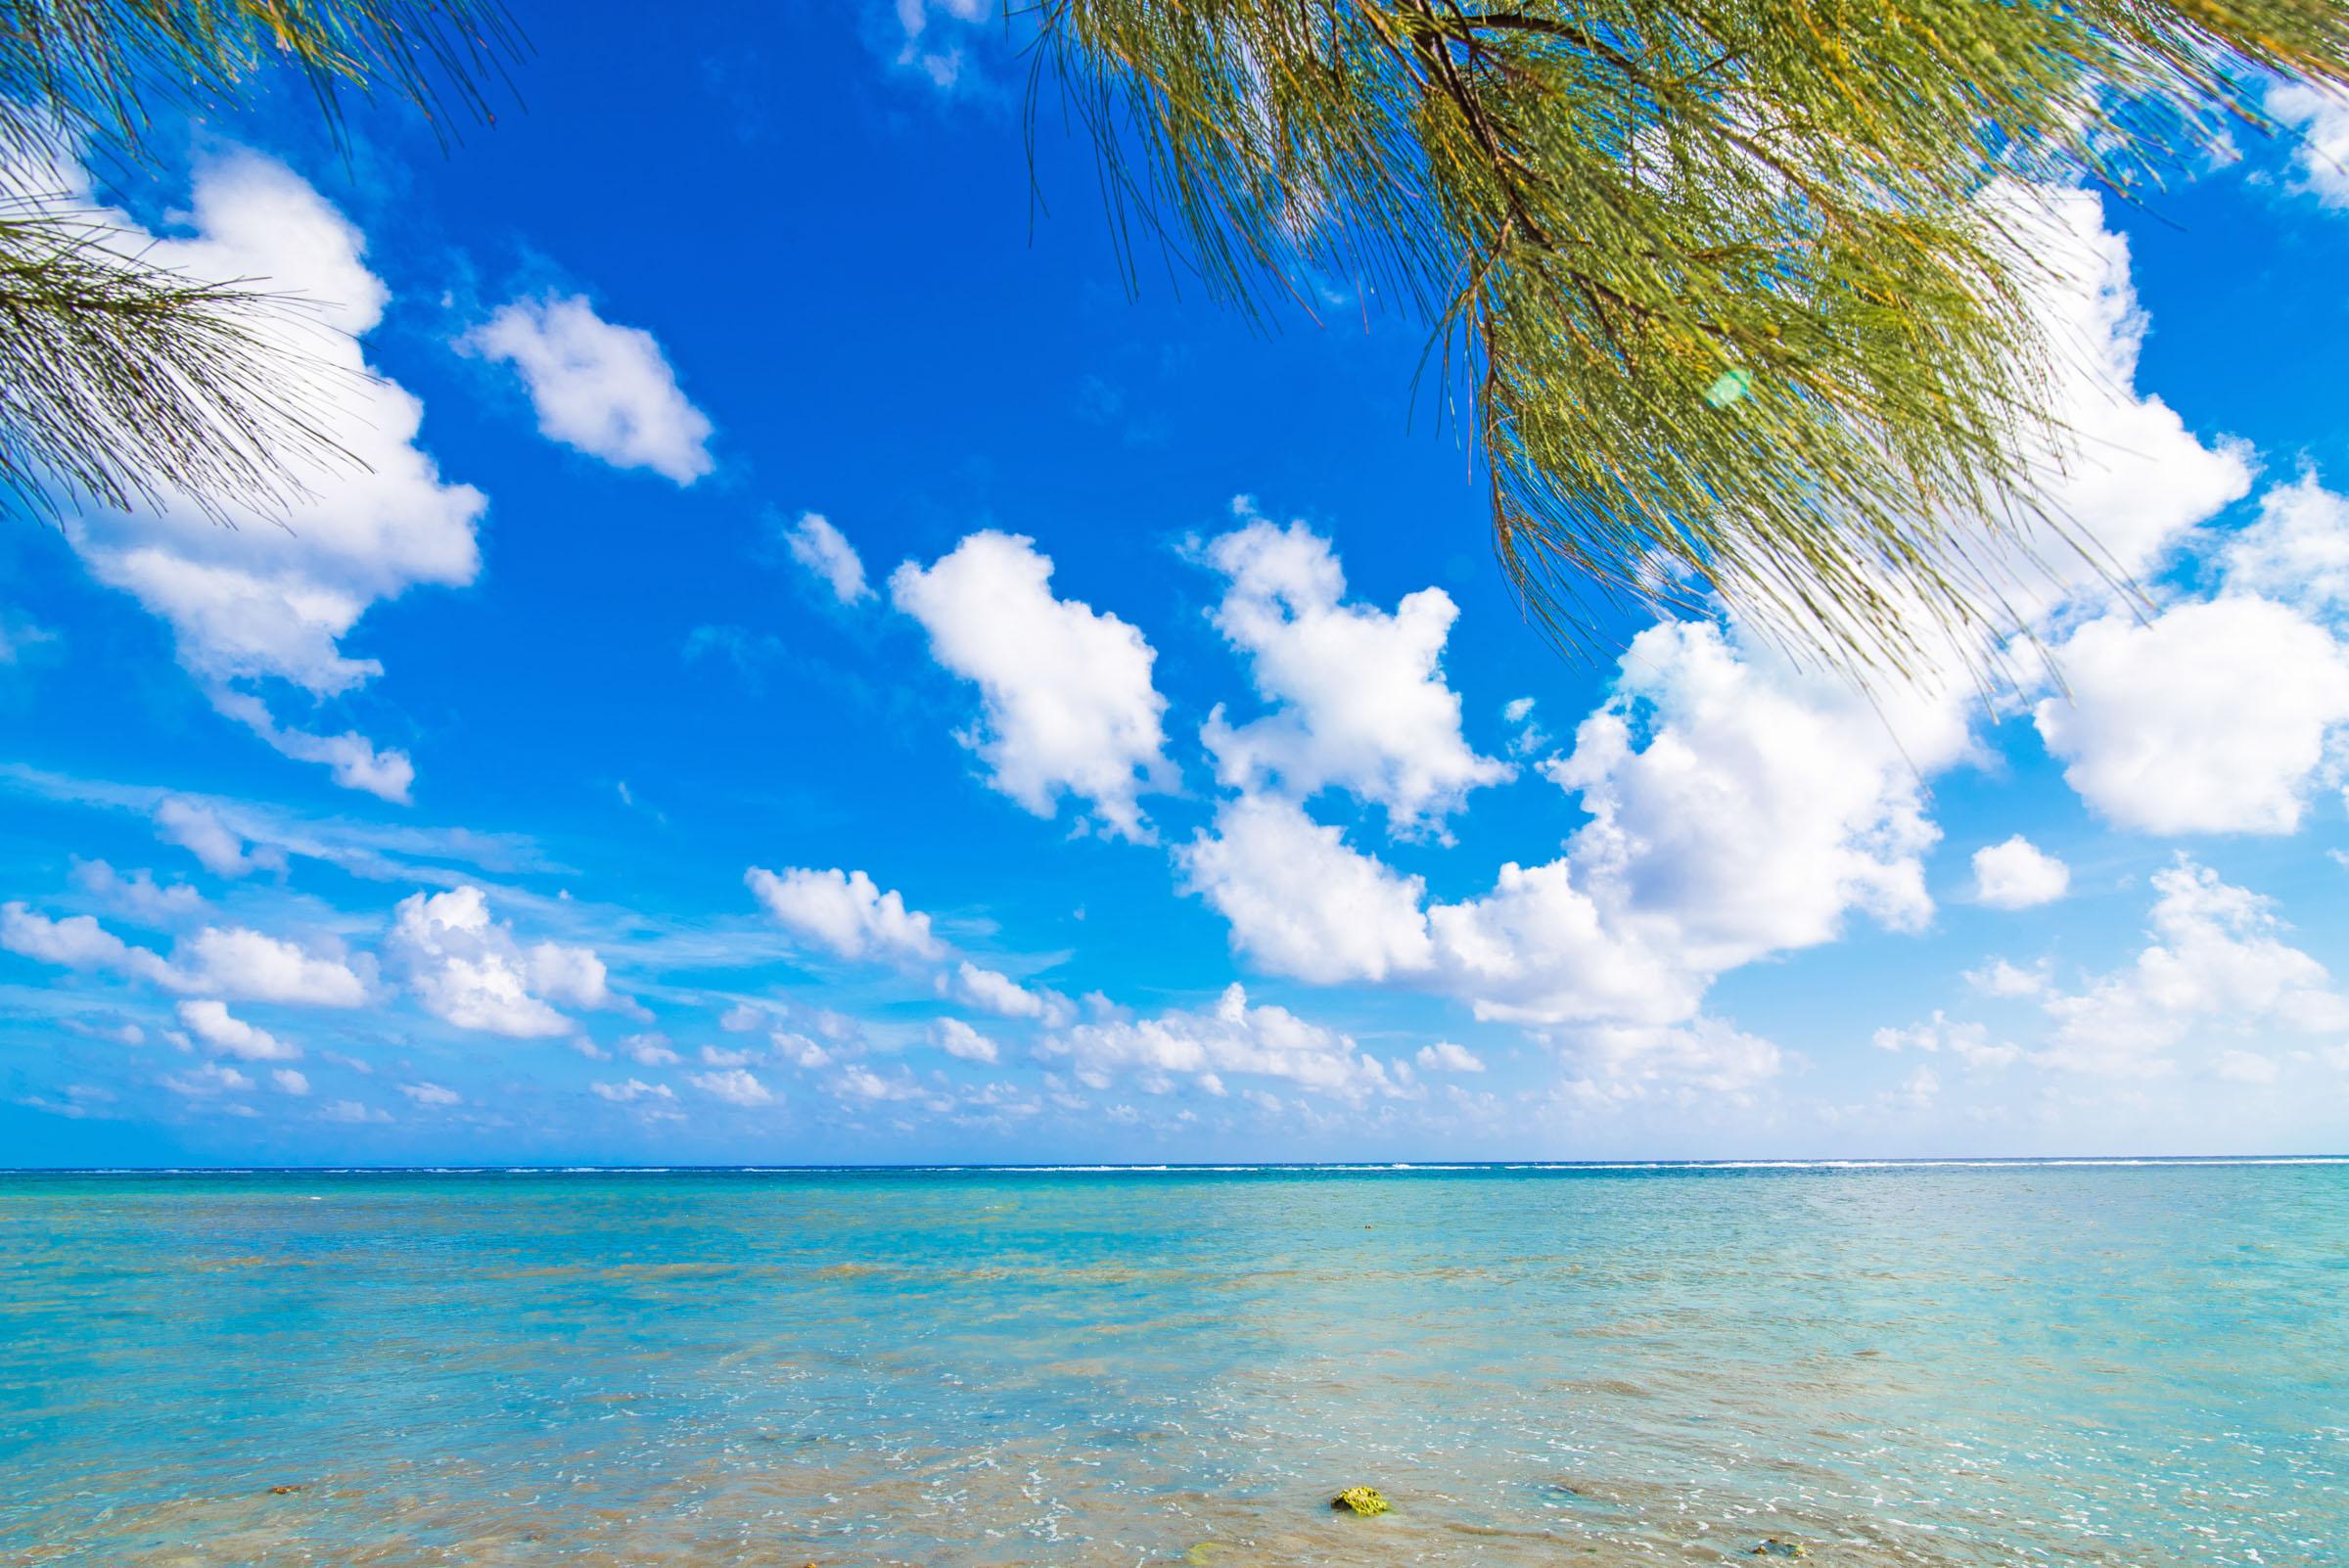 Paradise Villas #1 View